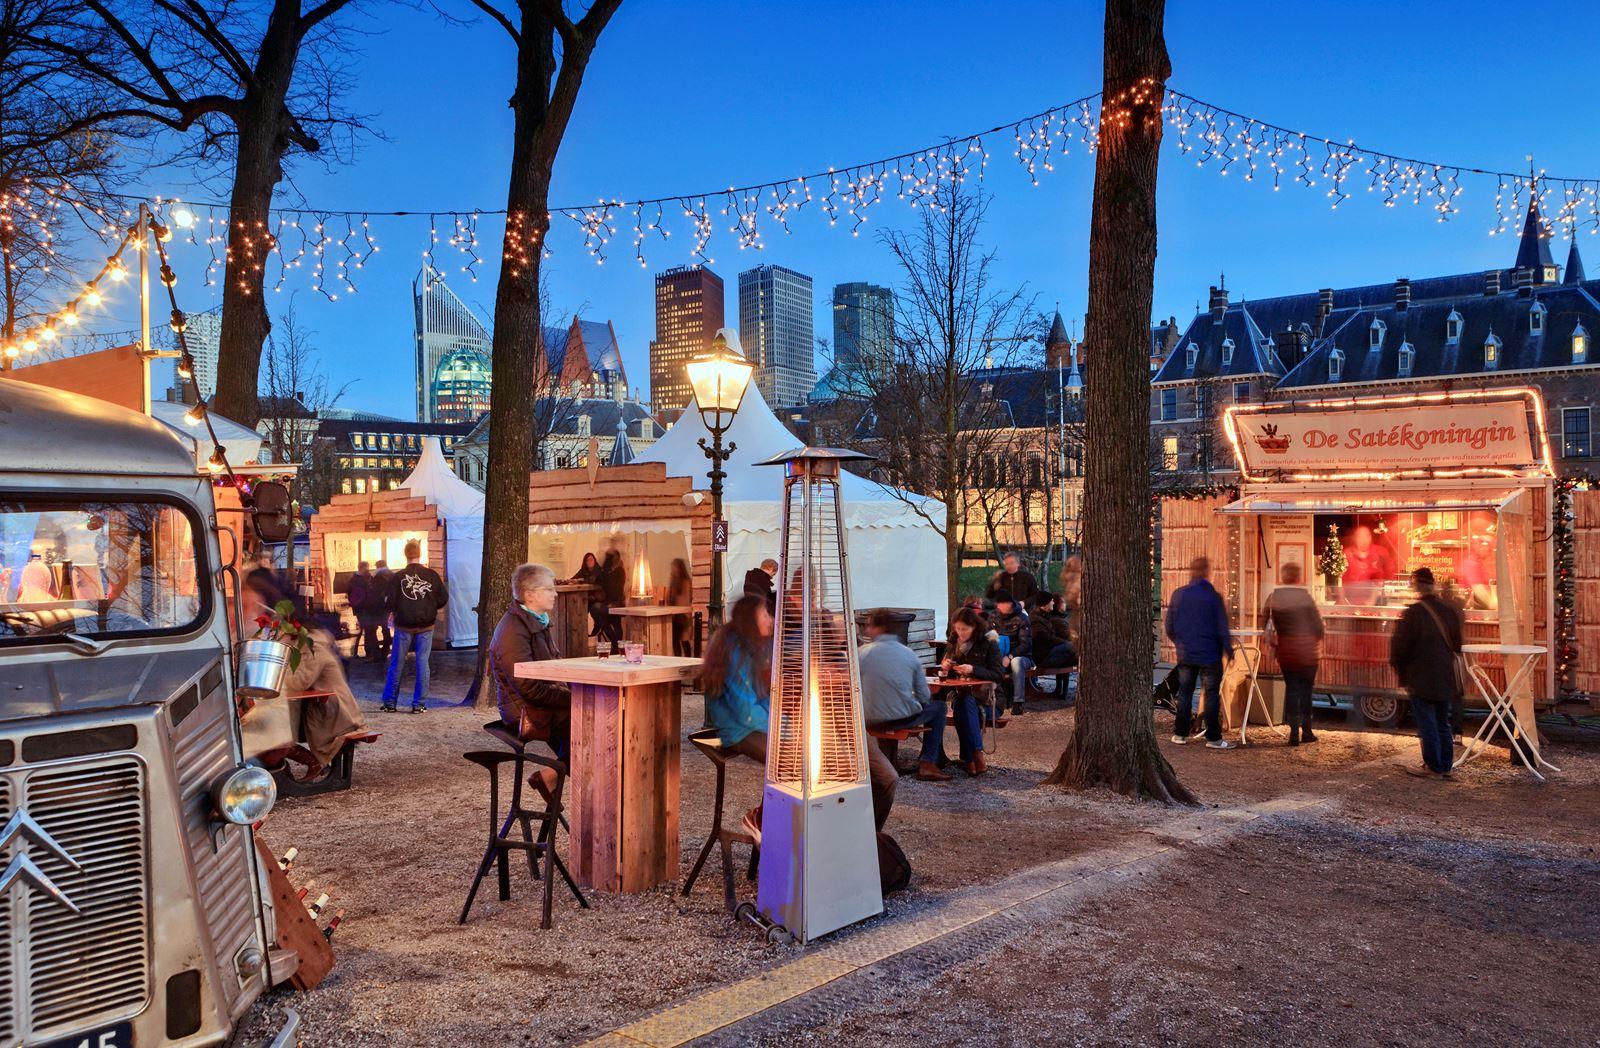 Que faire ce week-end ? Un marché de Noël aux Pays-Bas ! - 2